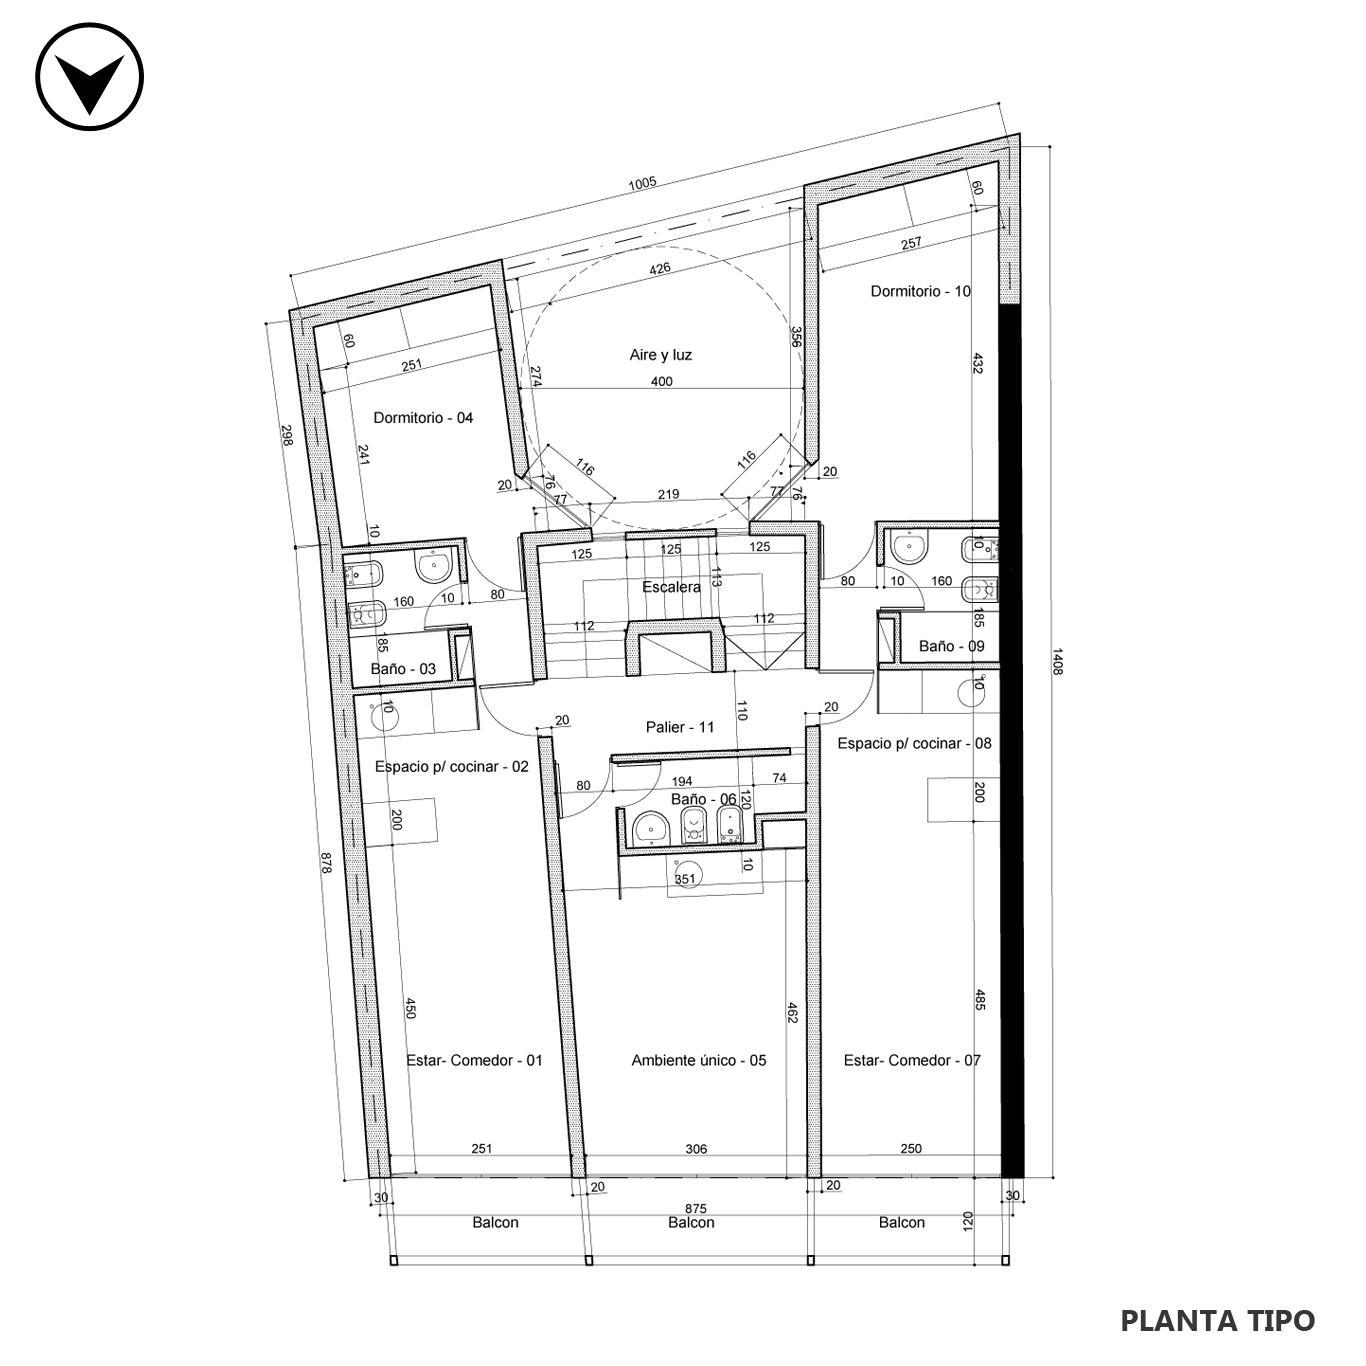 Venta departamento 1 dormitorio Rosario, Remedios De Escalada De San Martin. Cod CBU23822 AP2240048. Crestale Propiedades